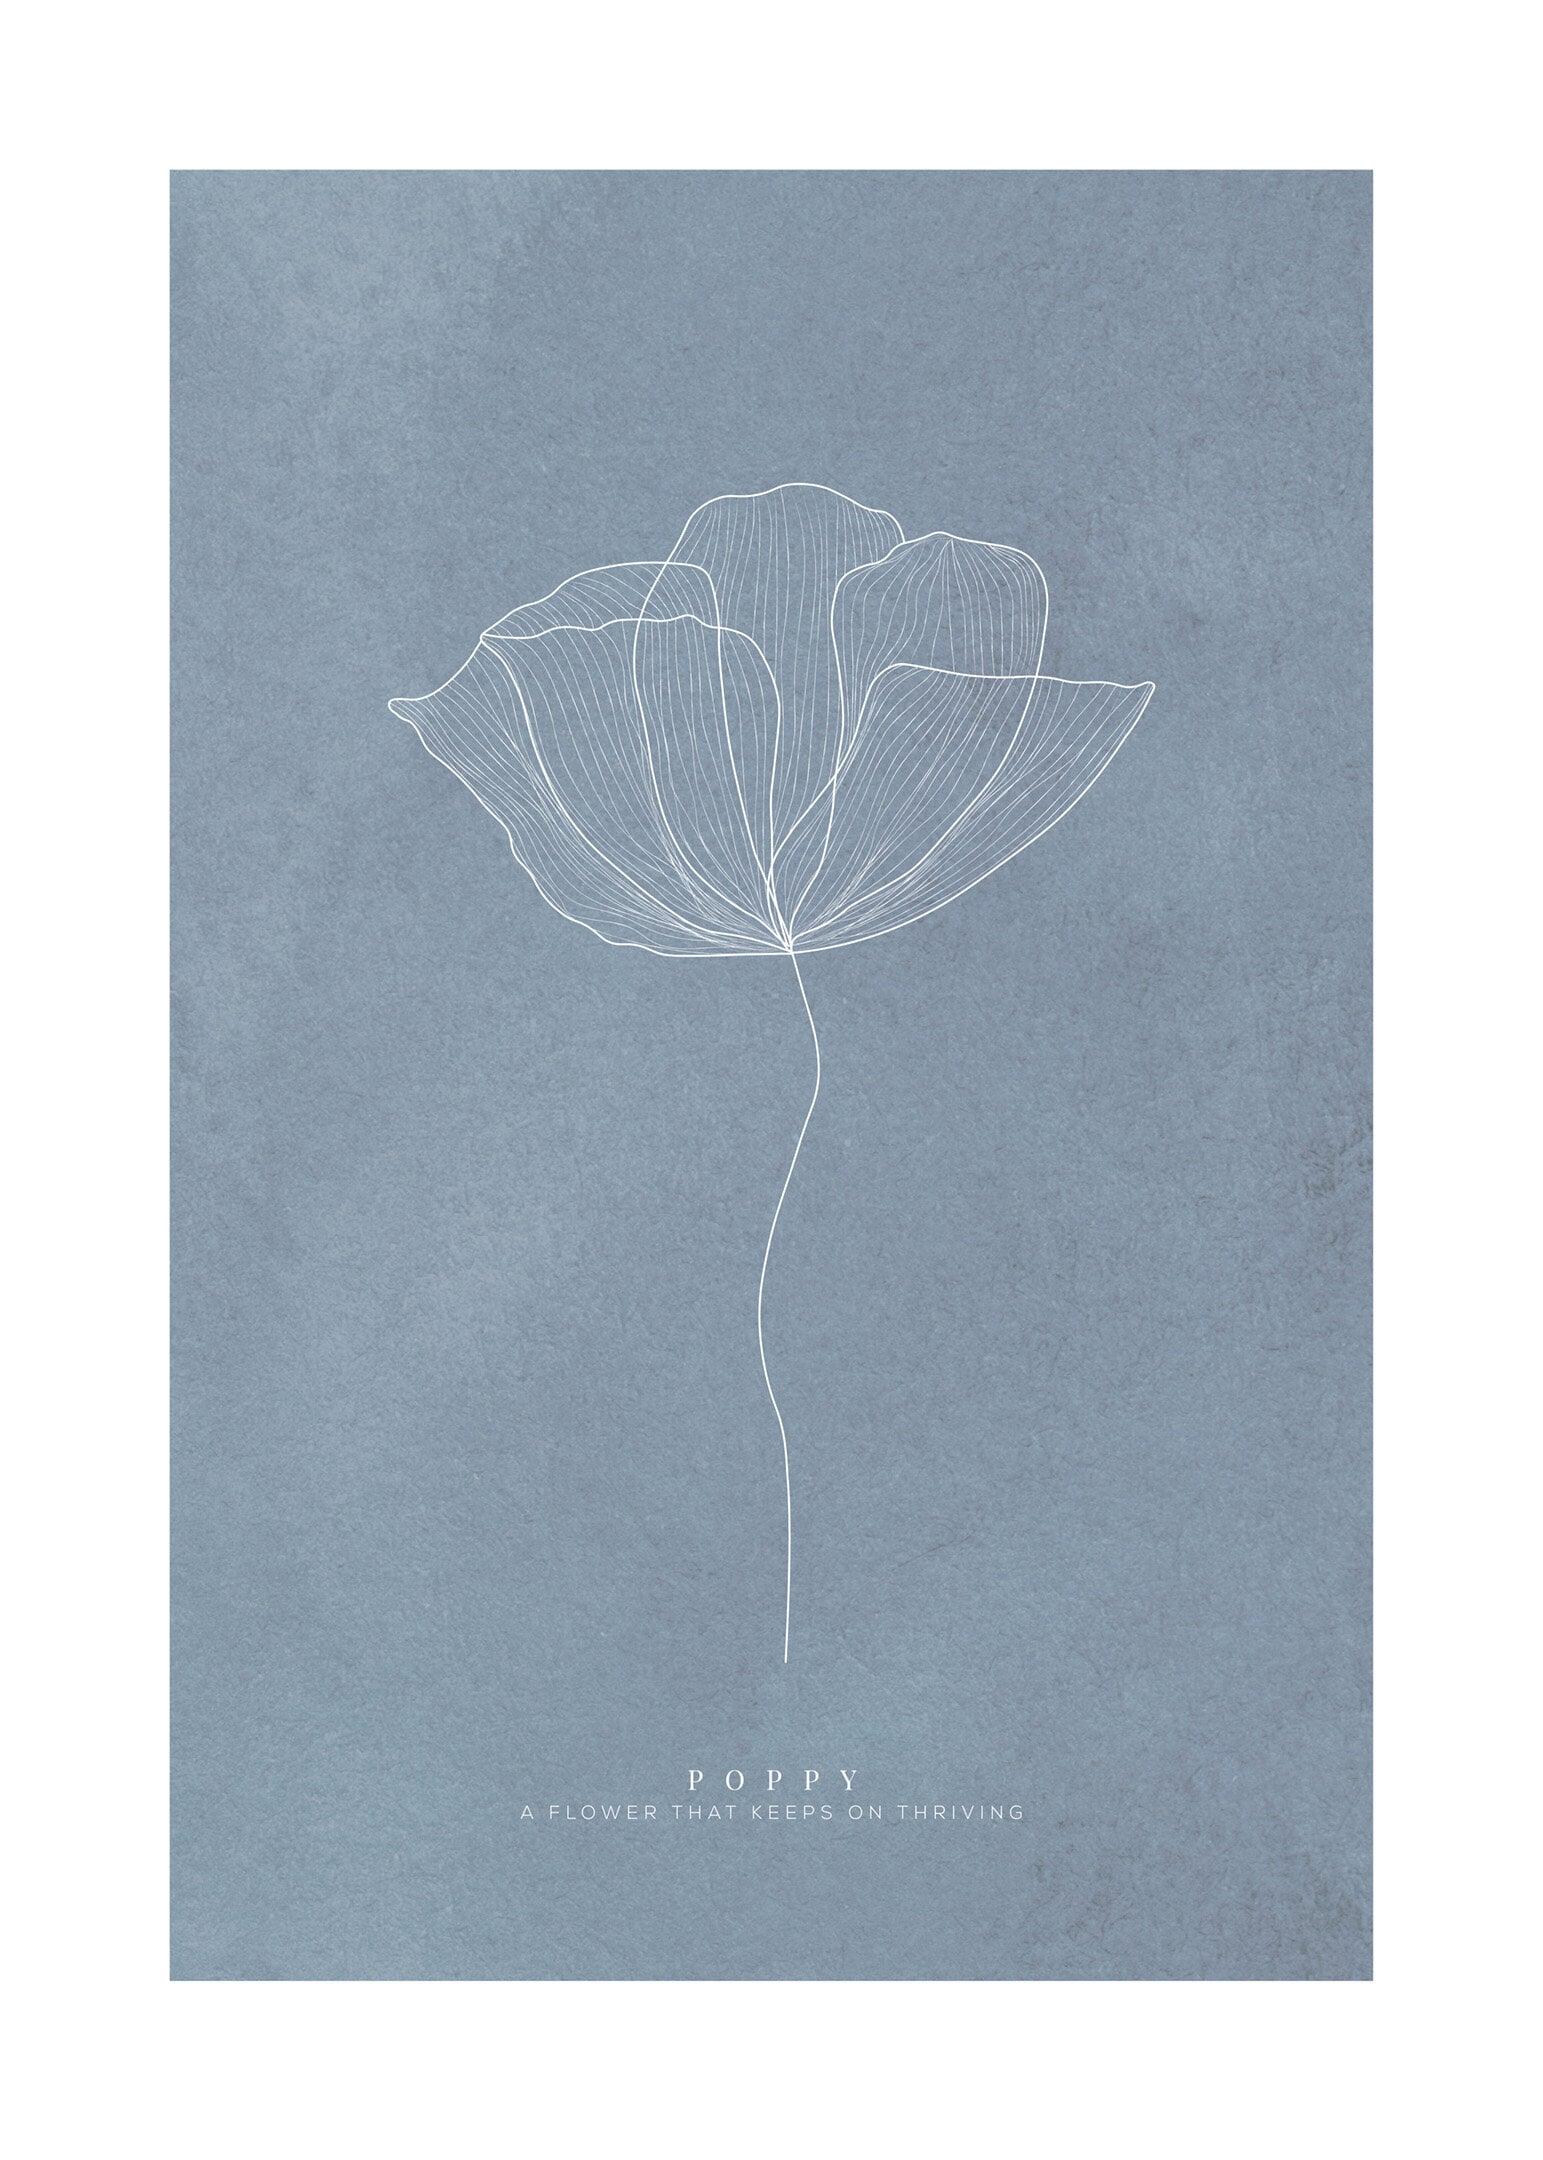 Poppy mörkblå poster